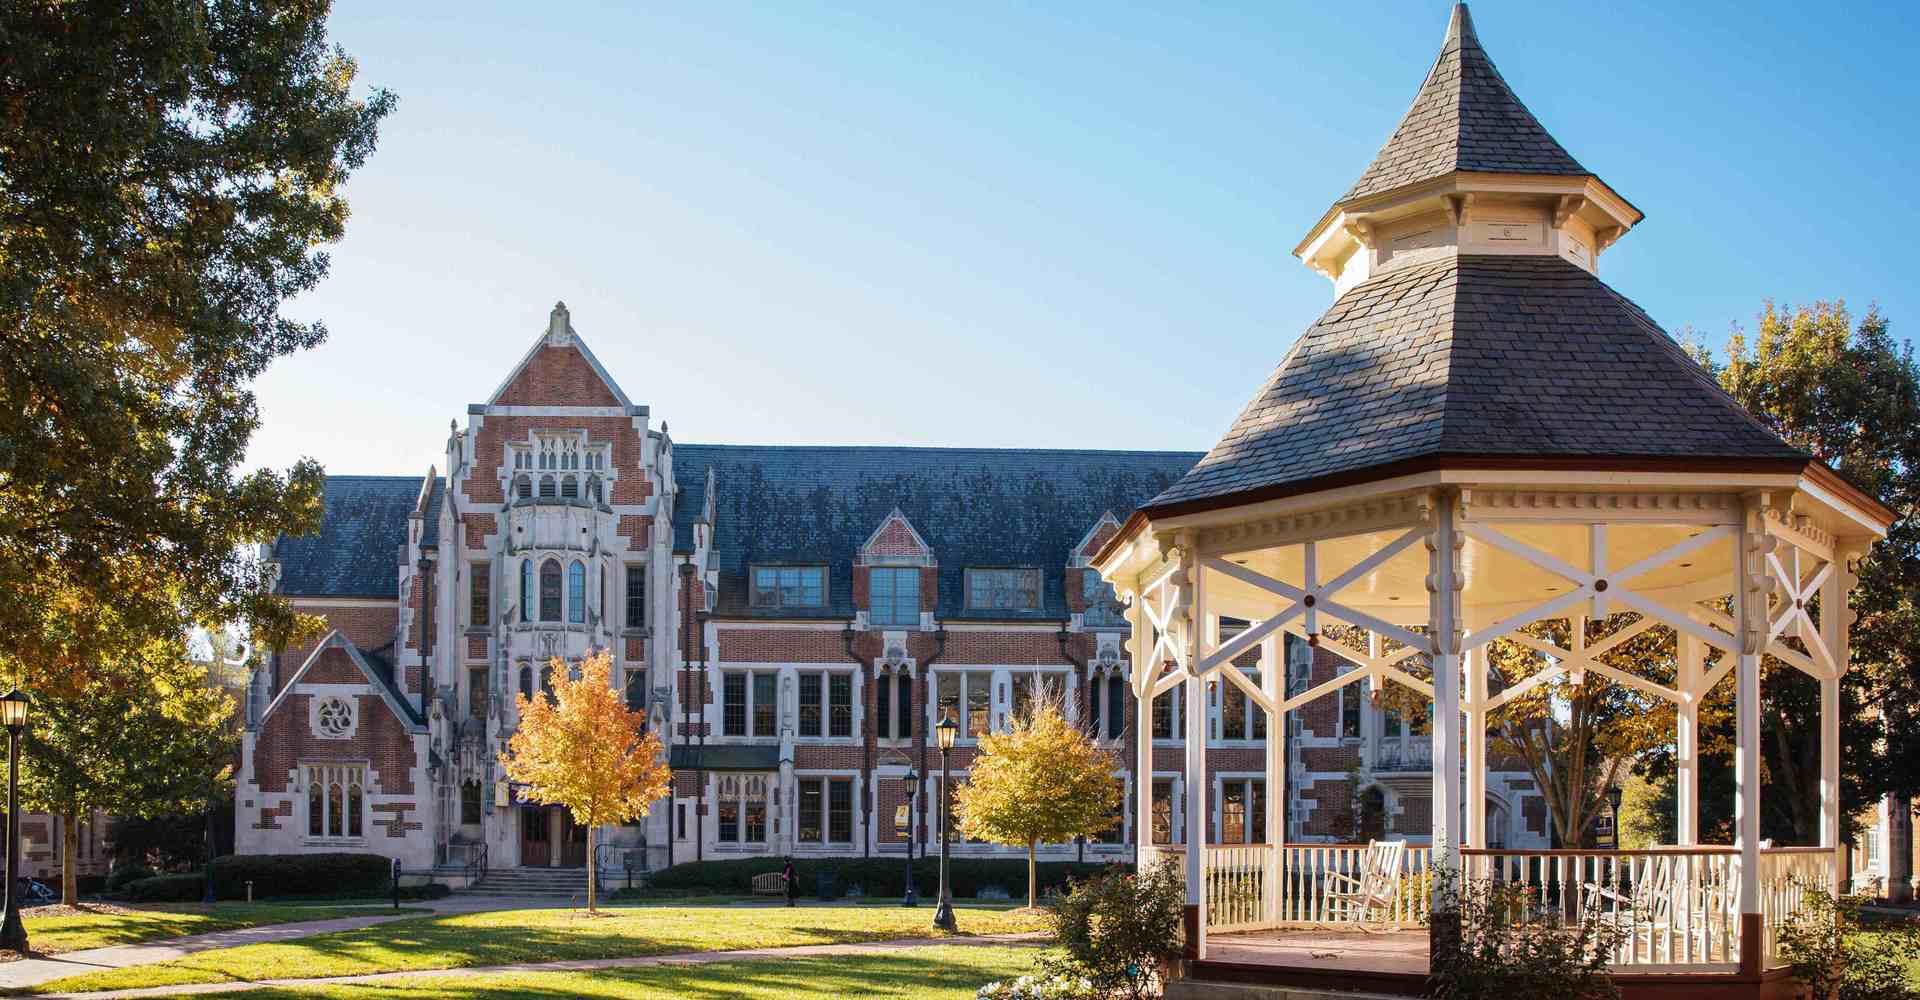 exterior photo of Agnes Scott campus including a gazebo